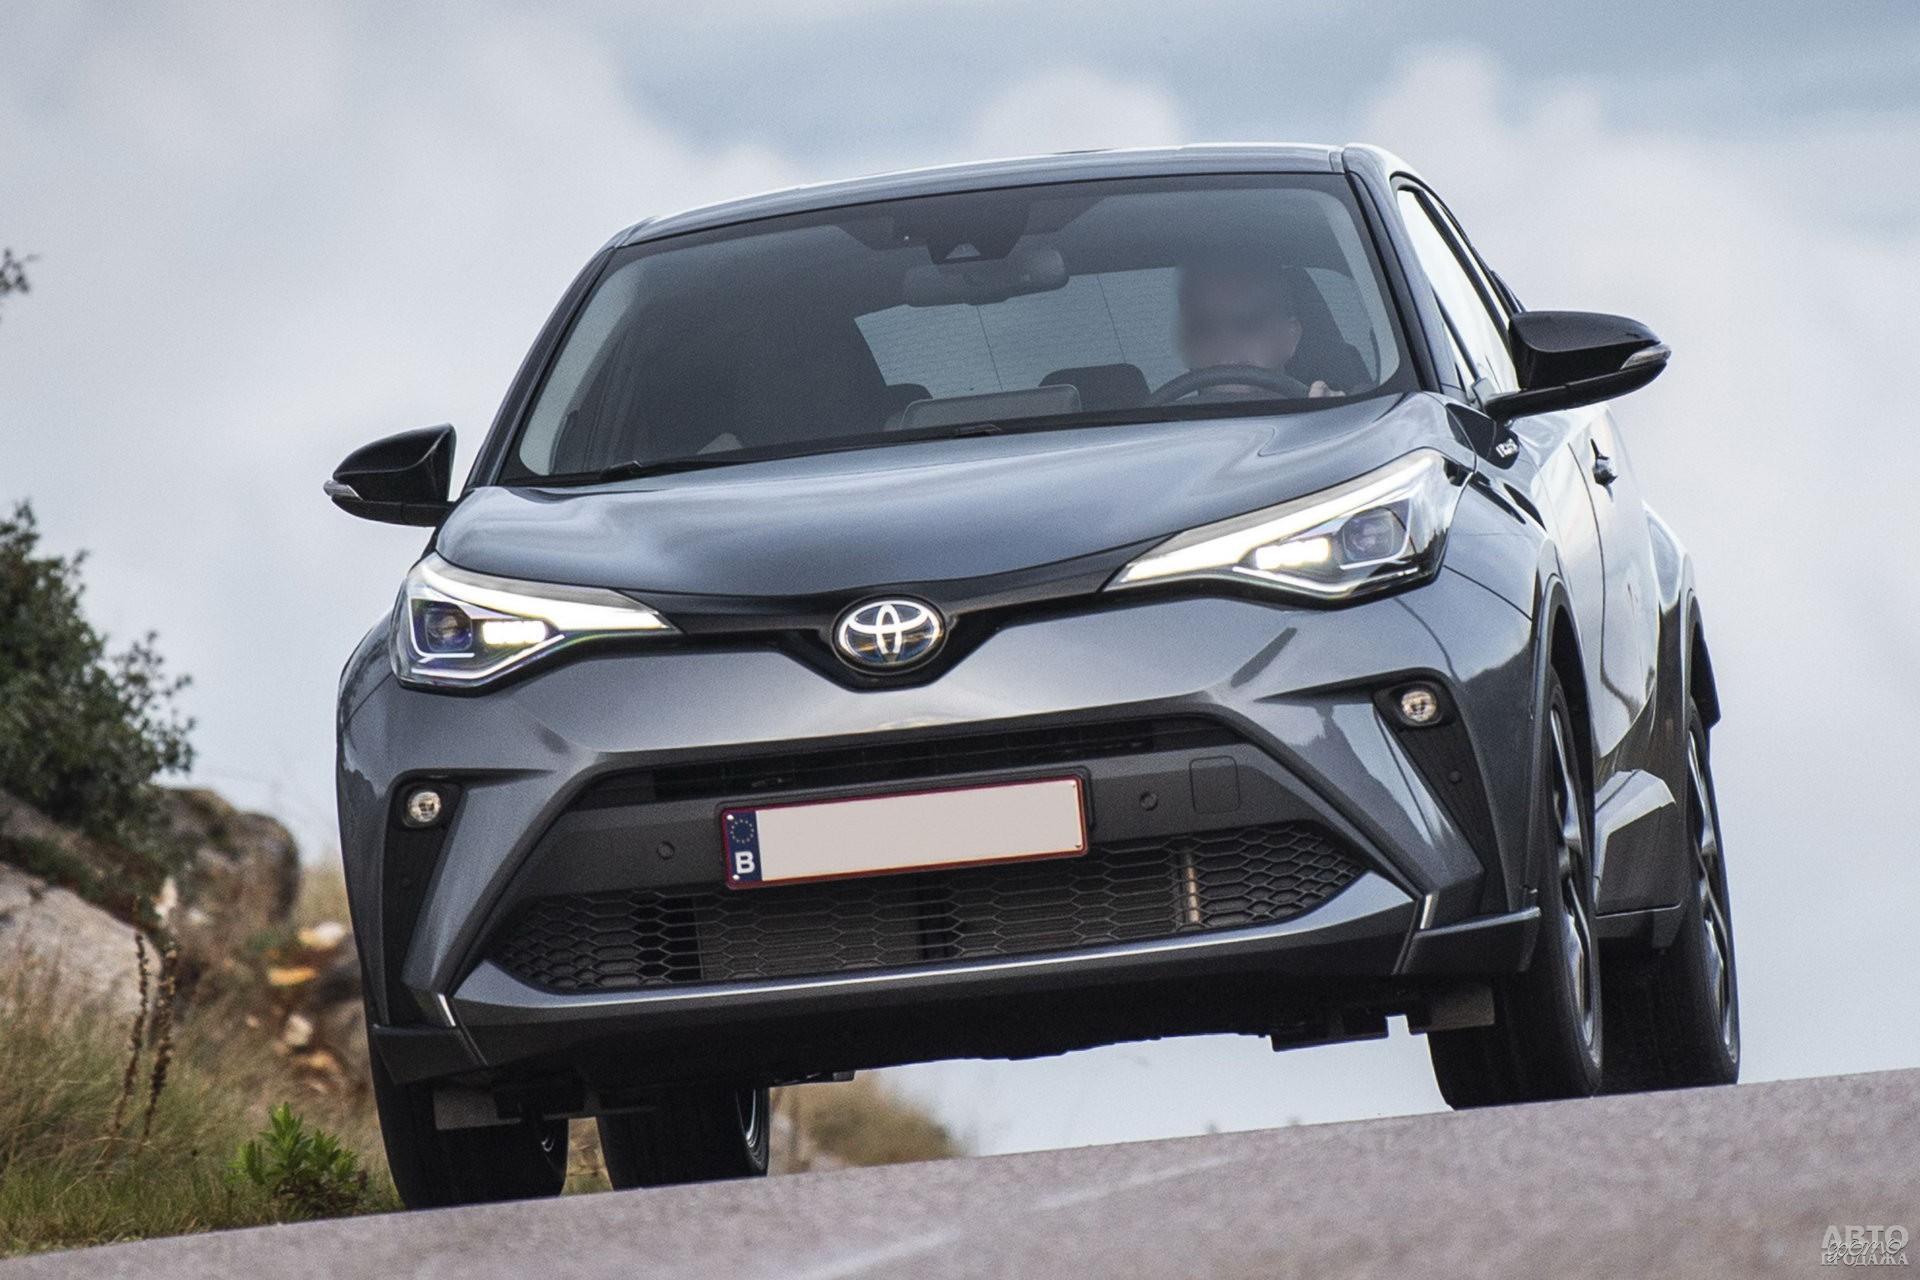 Раскосые фары Toyota_C-HR растянуты на крылья